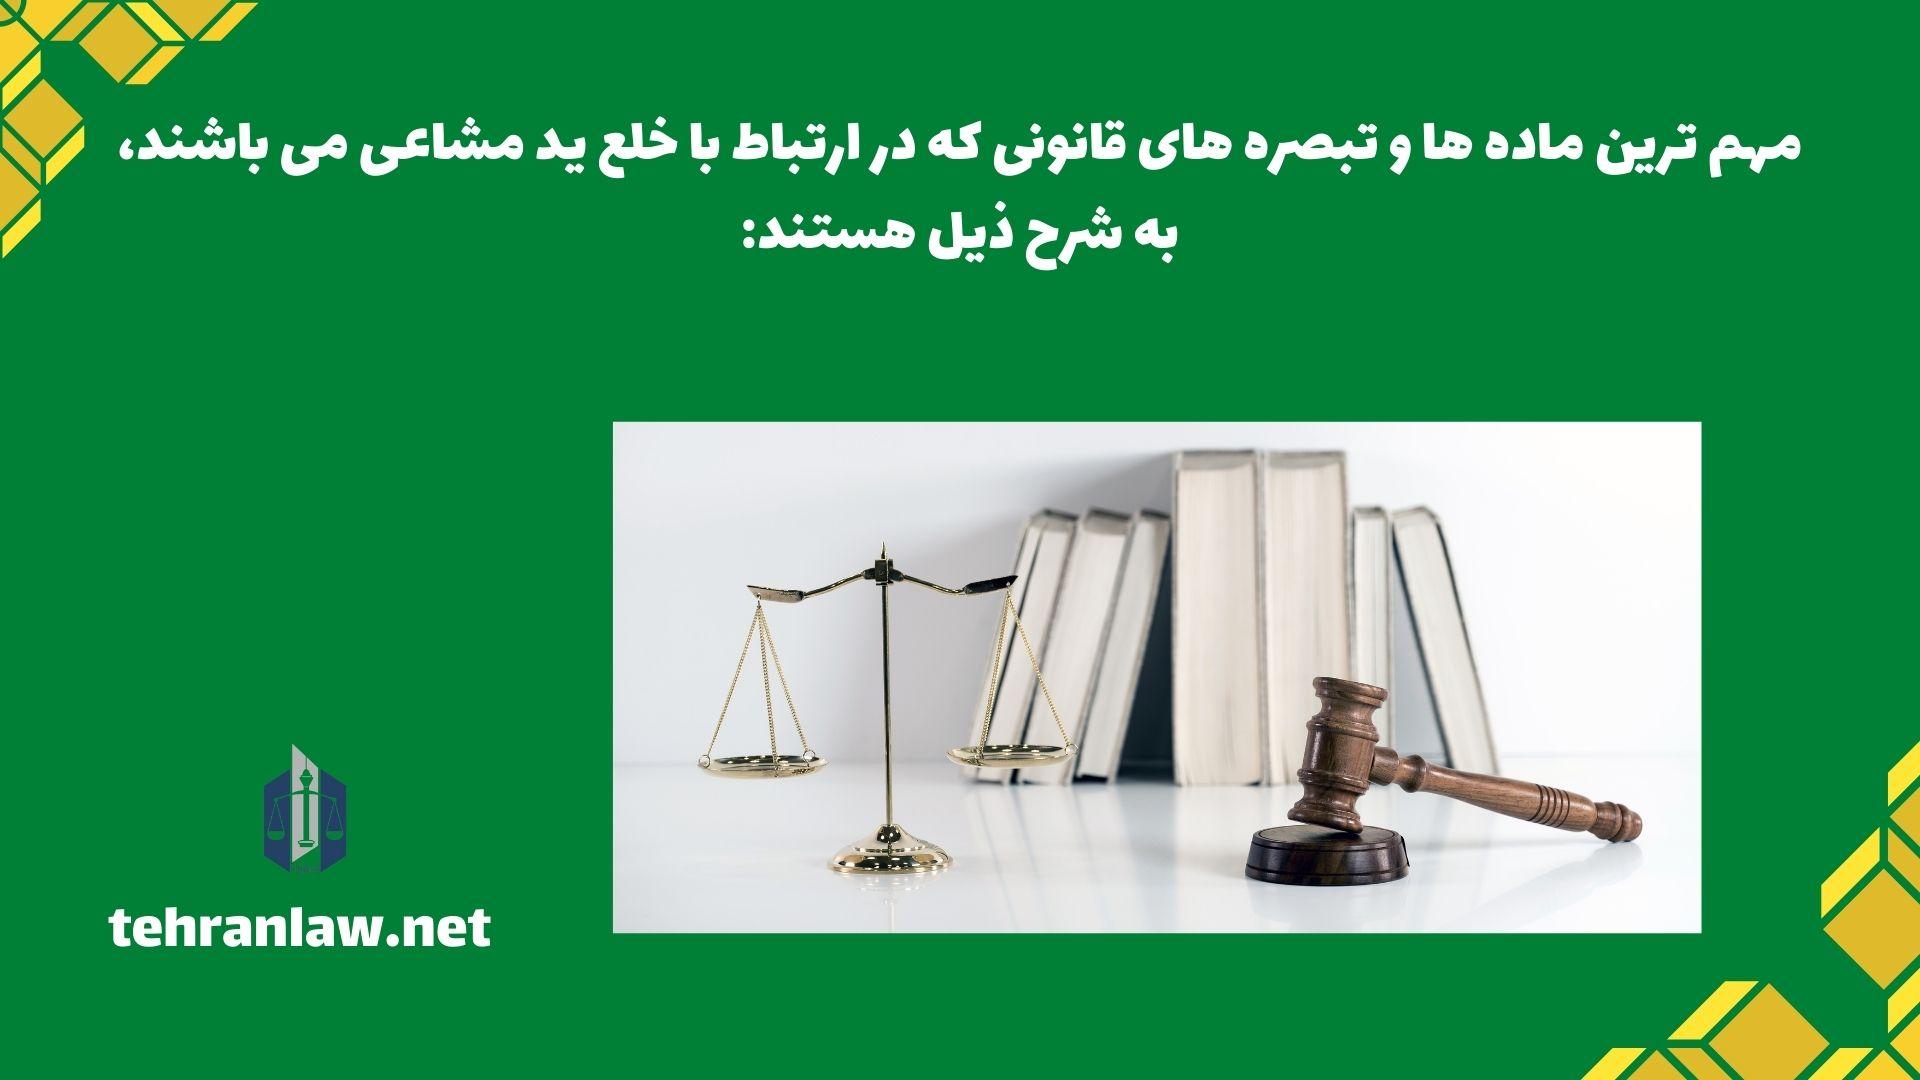 مهم ترین ماده ها و تبصره های قانونی که در ارتباط با خلع ید مشاعی می باشند، به شرح ذیل هستند: